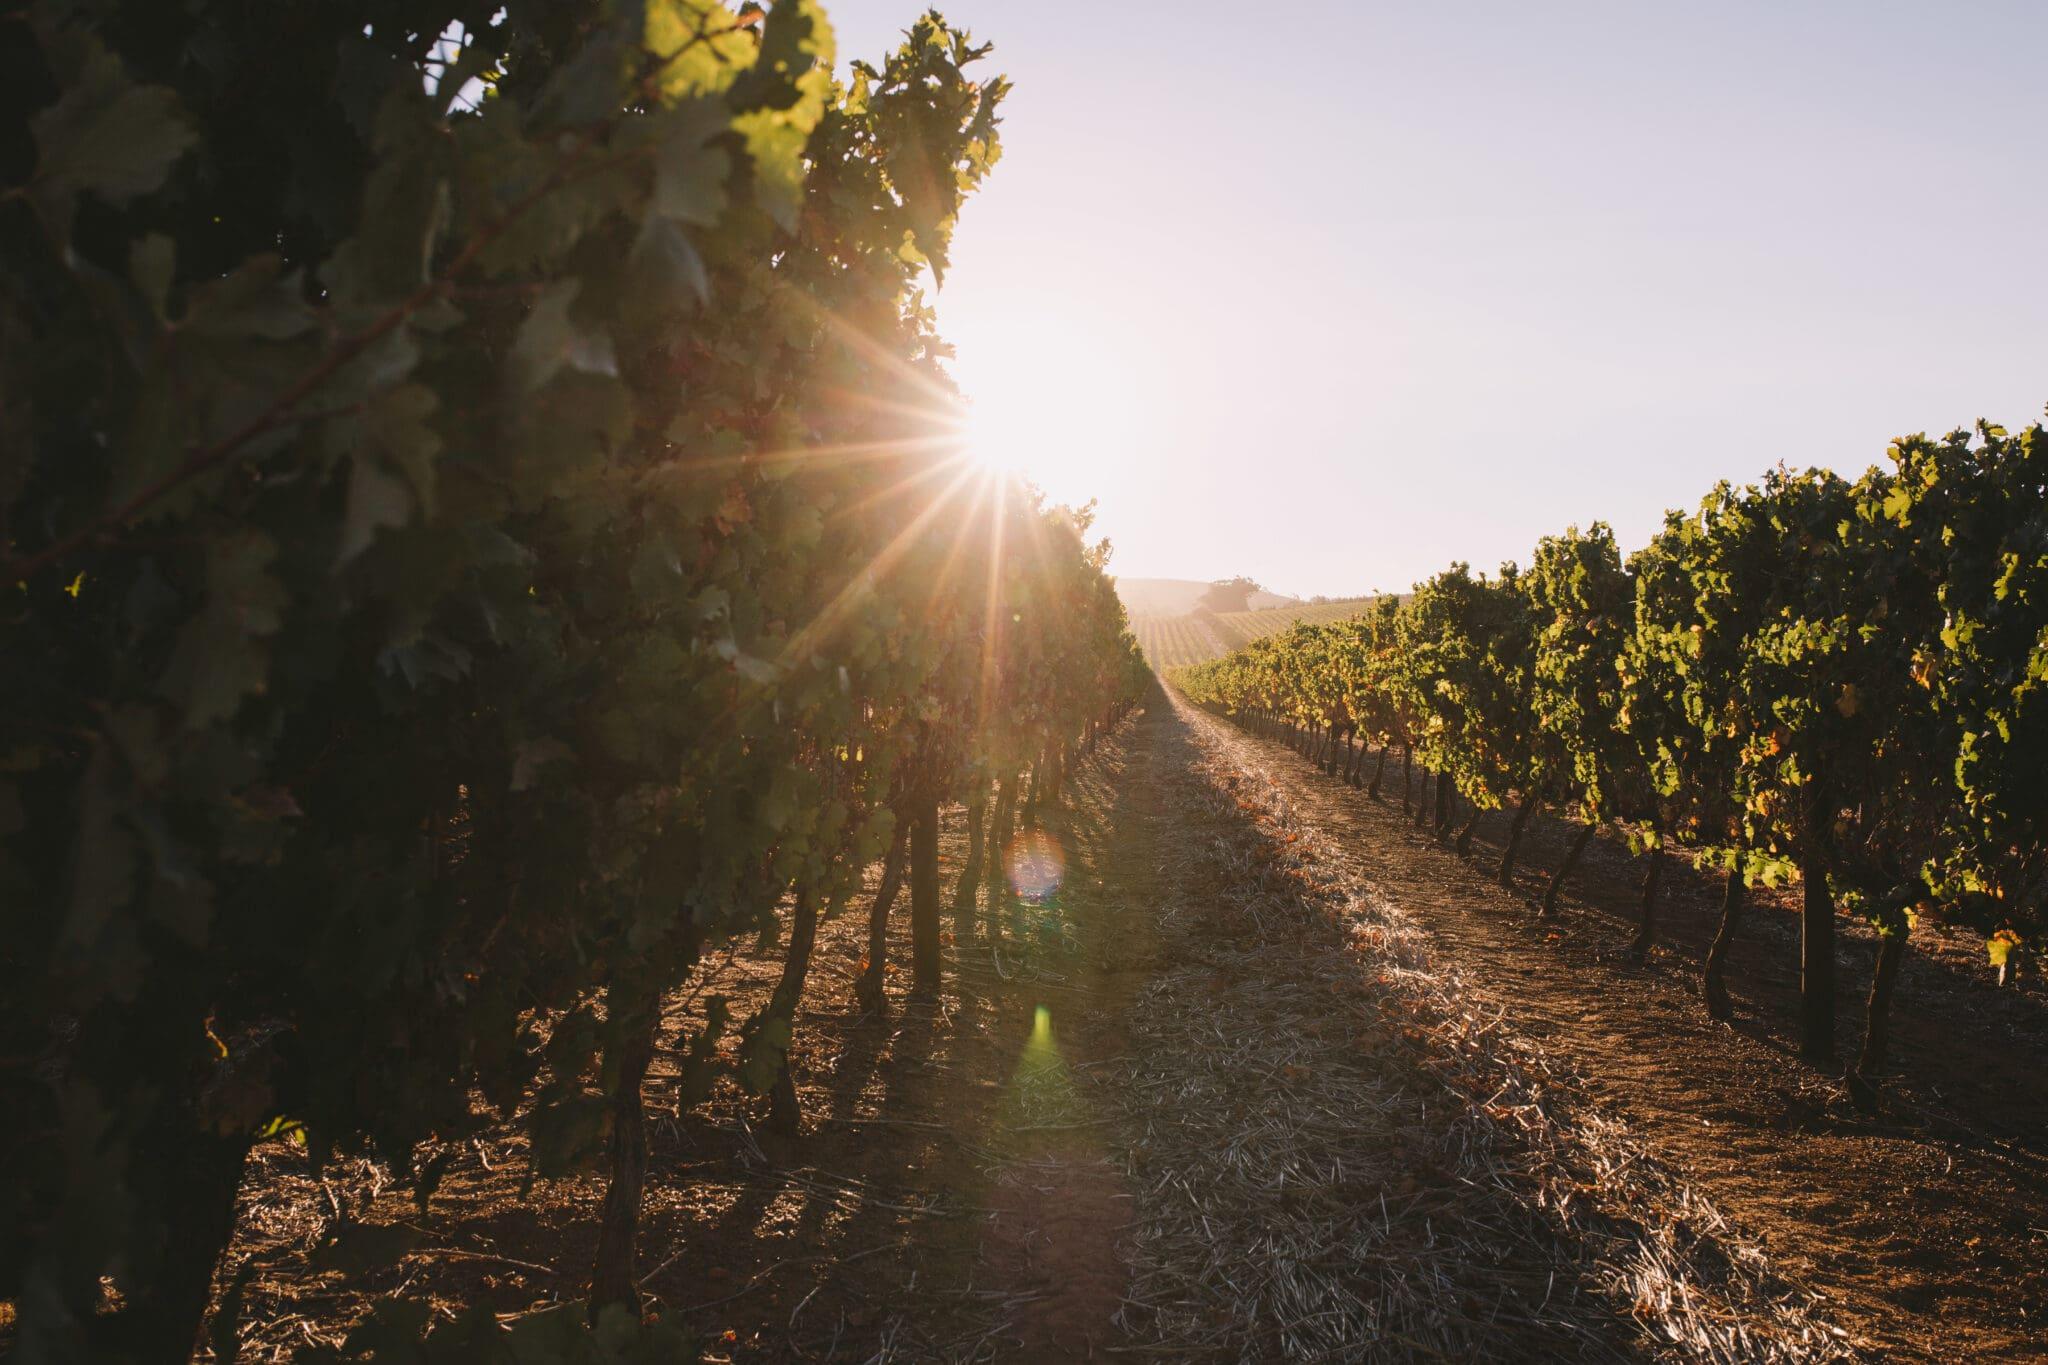 farm-sun-summer-plants-wine-outdoor-grapes-sun-flare-wine-field-wine-farm_t20_1J1zkg